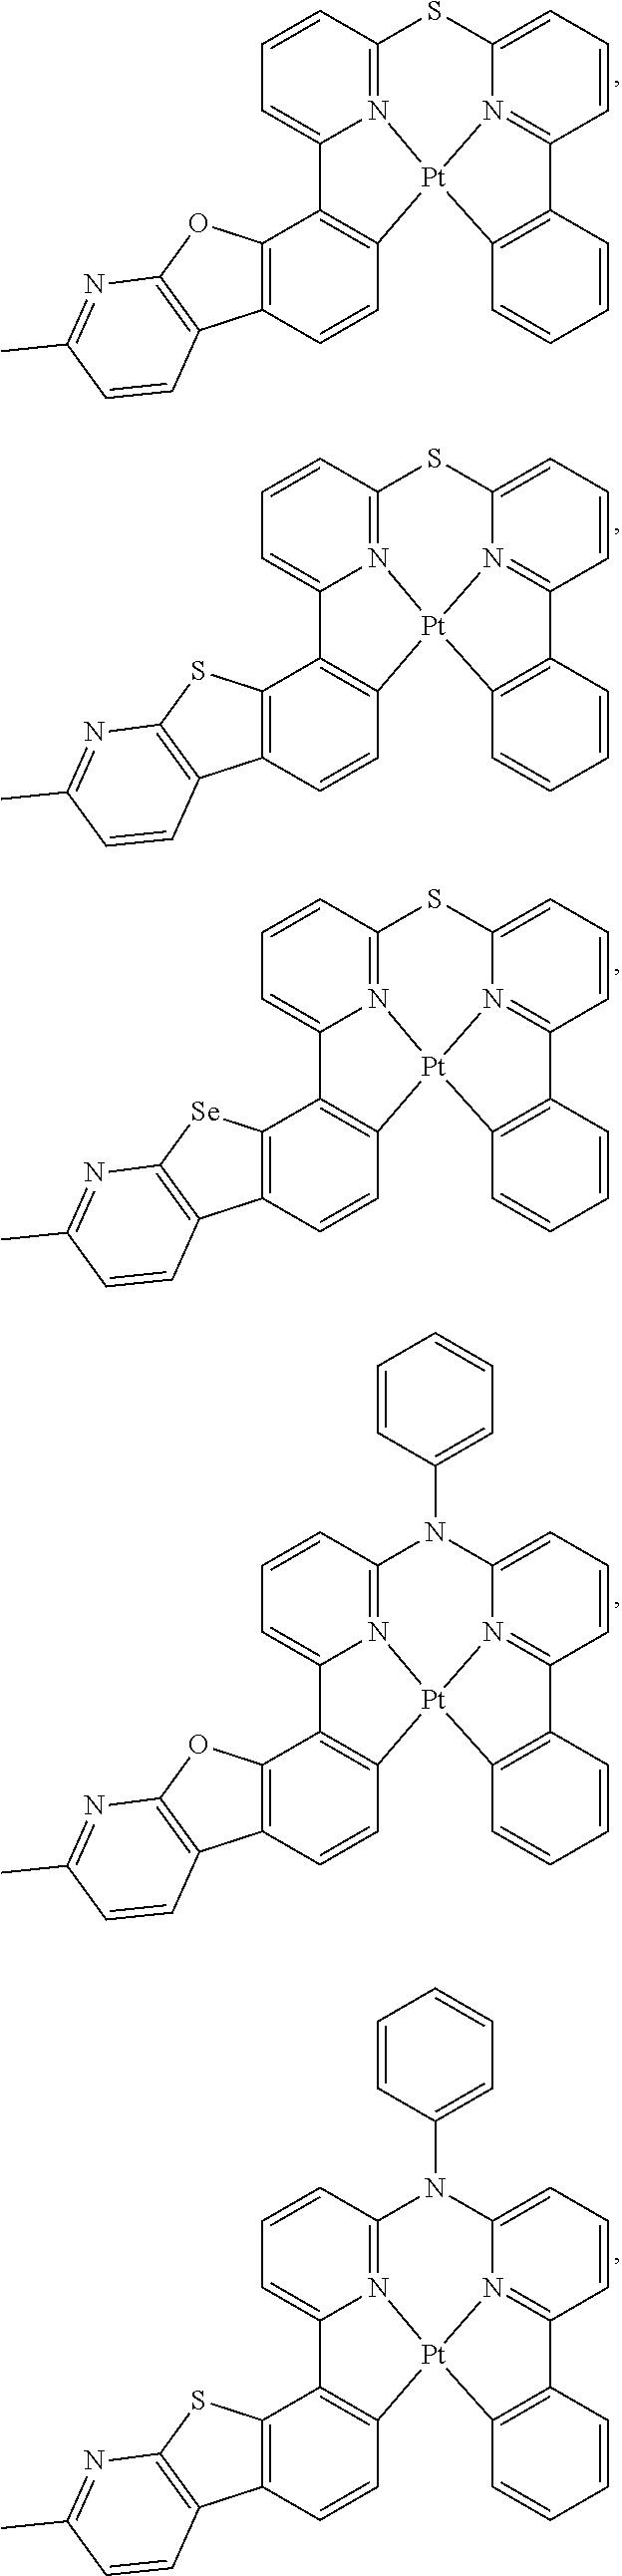 Figure US09871214-20180116-C00016